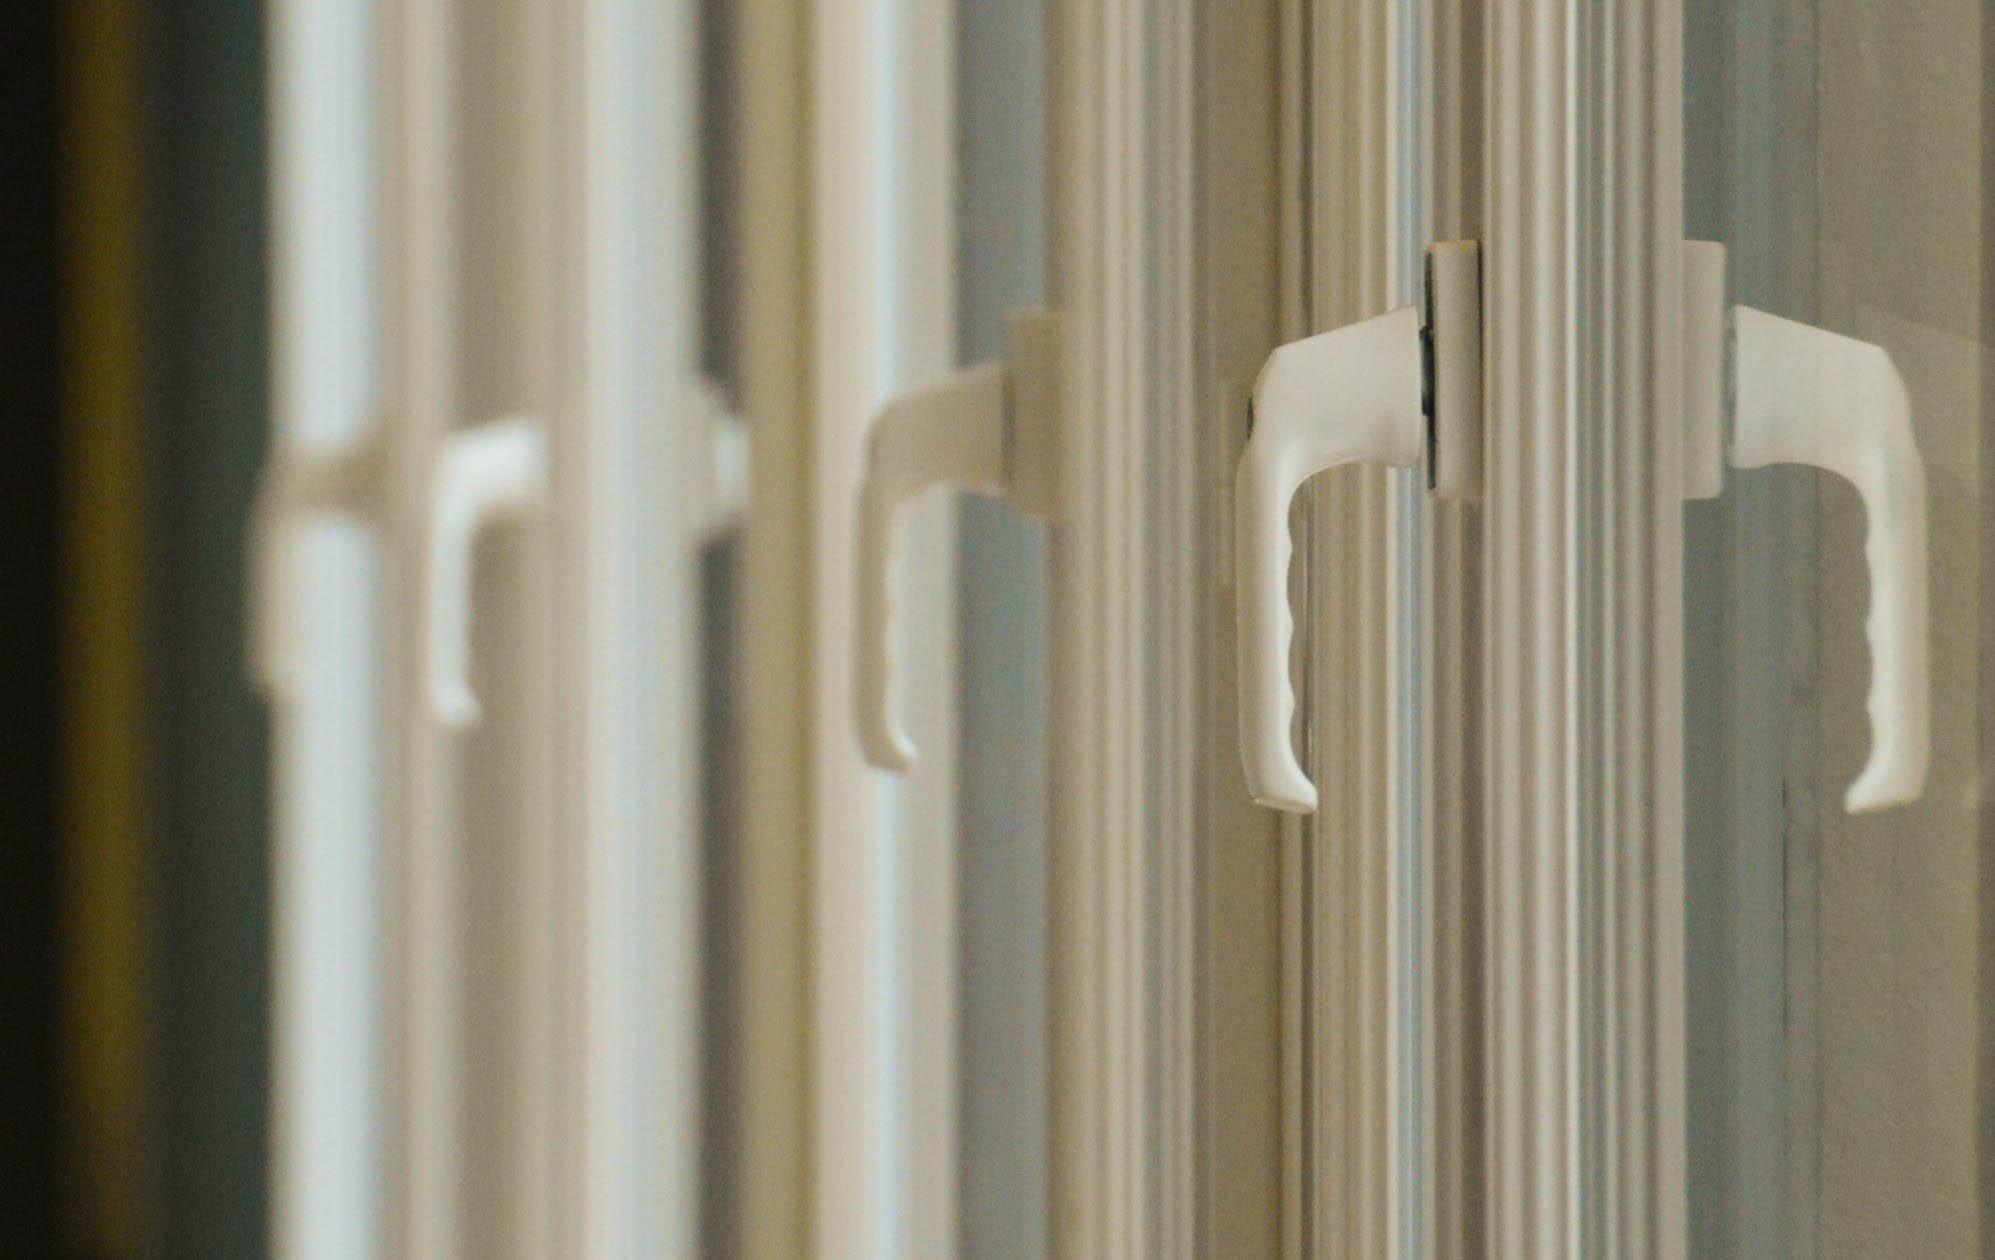 Oft gefragt: PVC- vs. Holz-Fenster